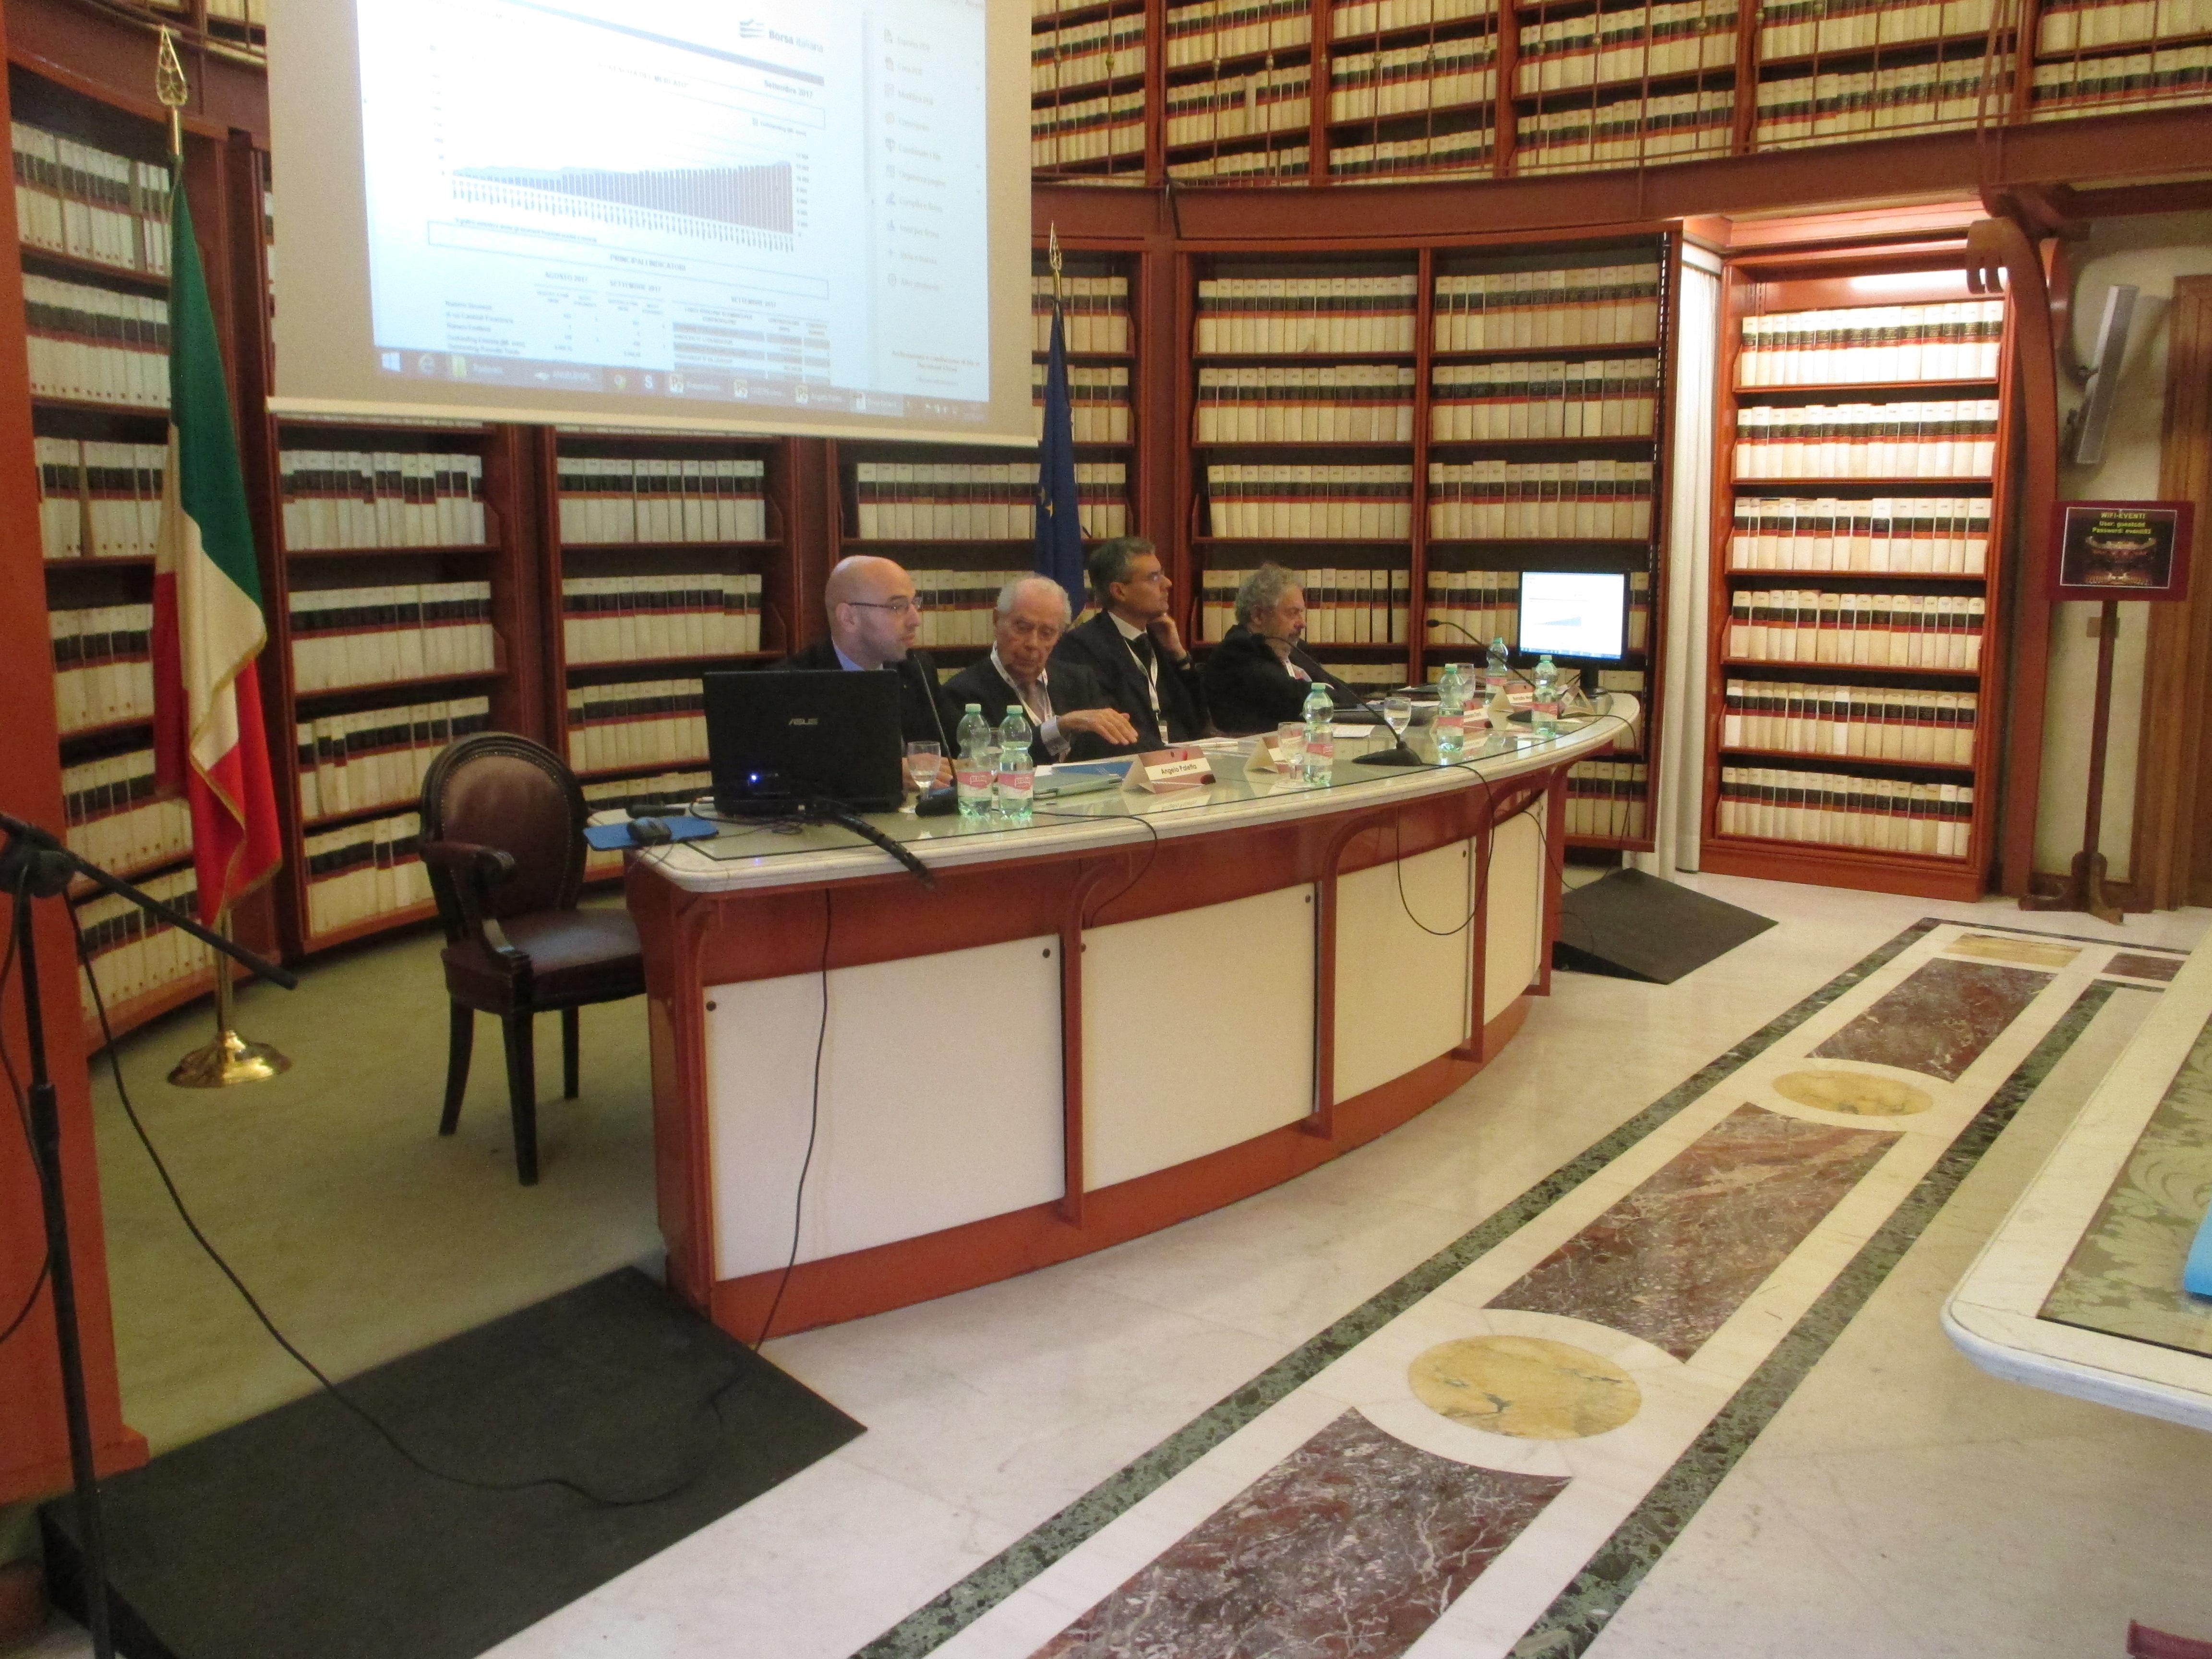 Paletta pallesi pastorelli presentato il ddl sulle for Biblioteca camera dei deputati